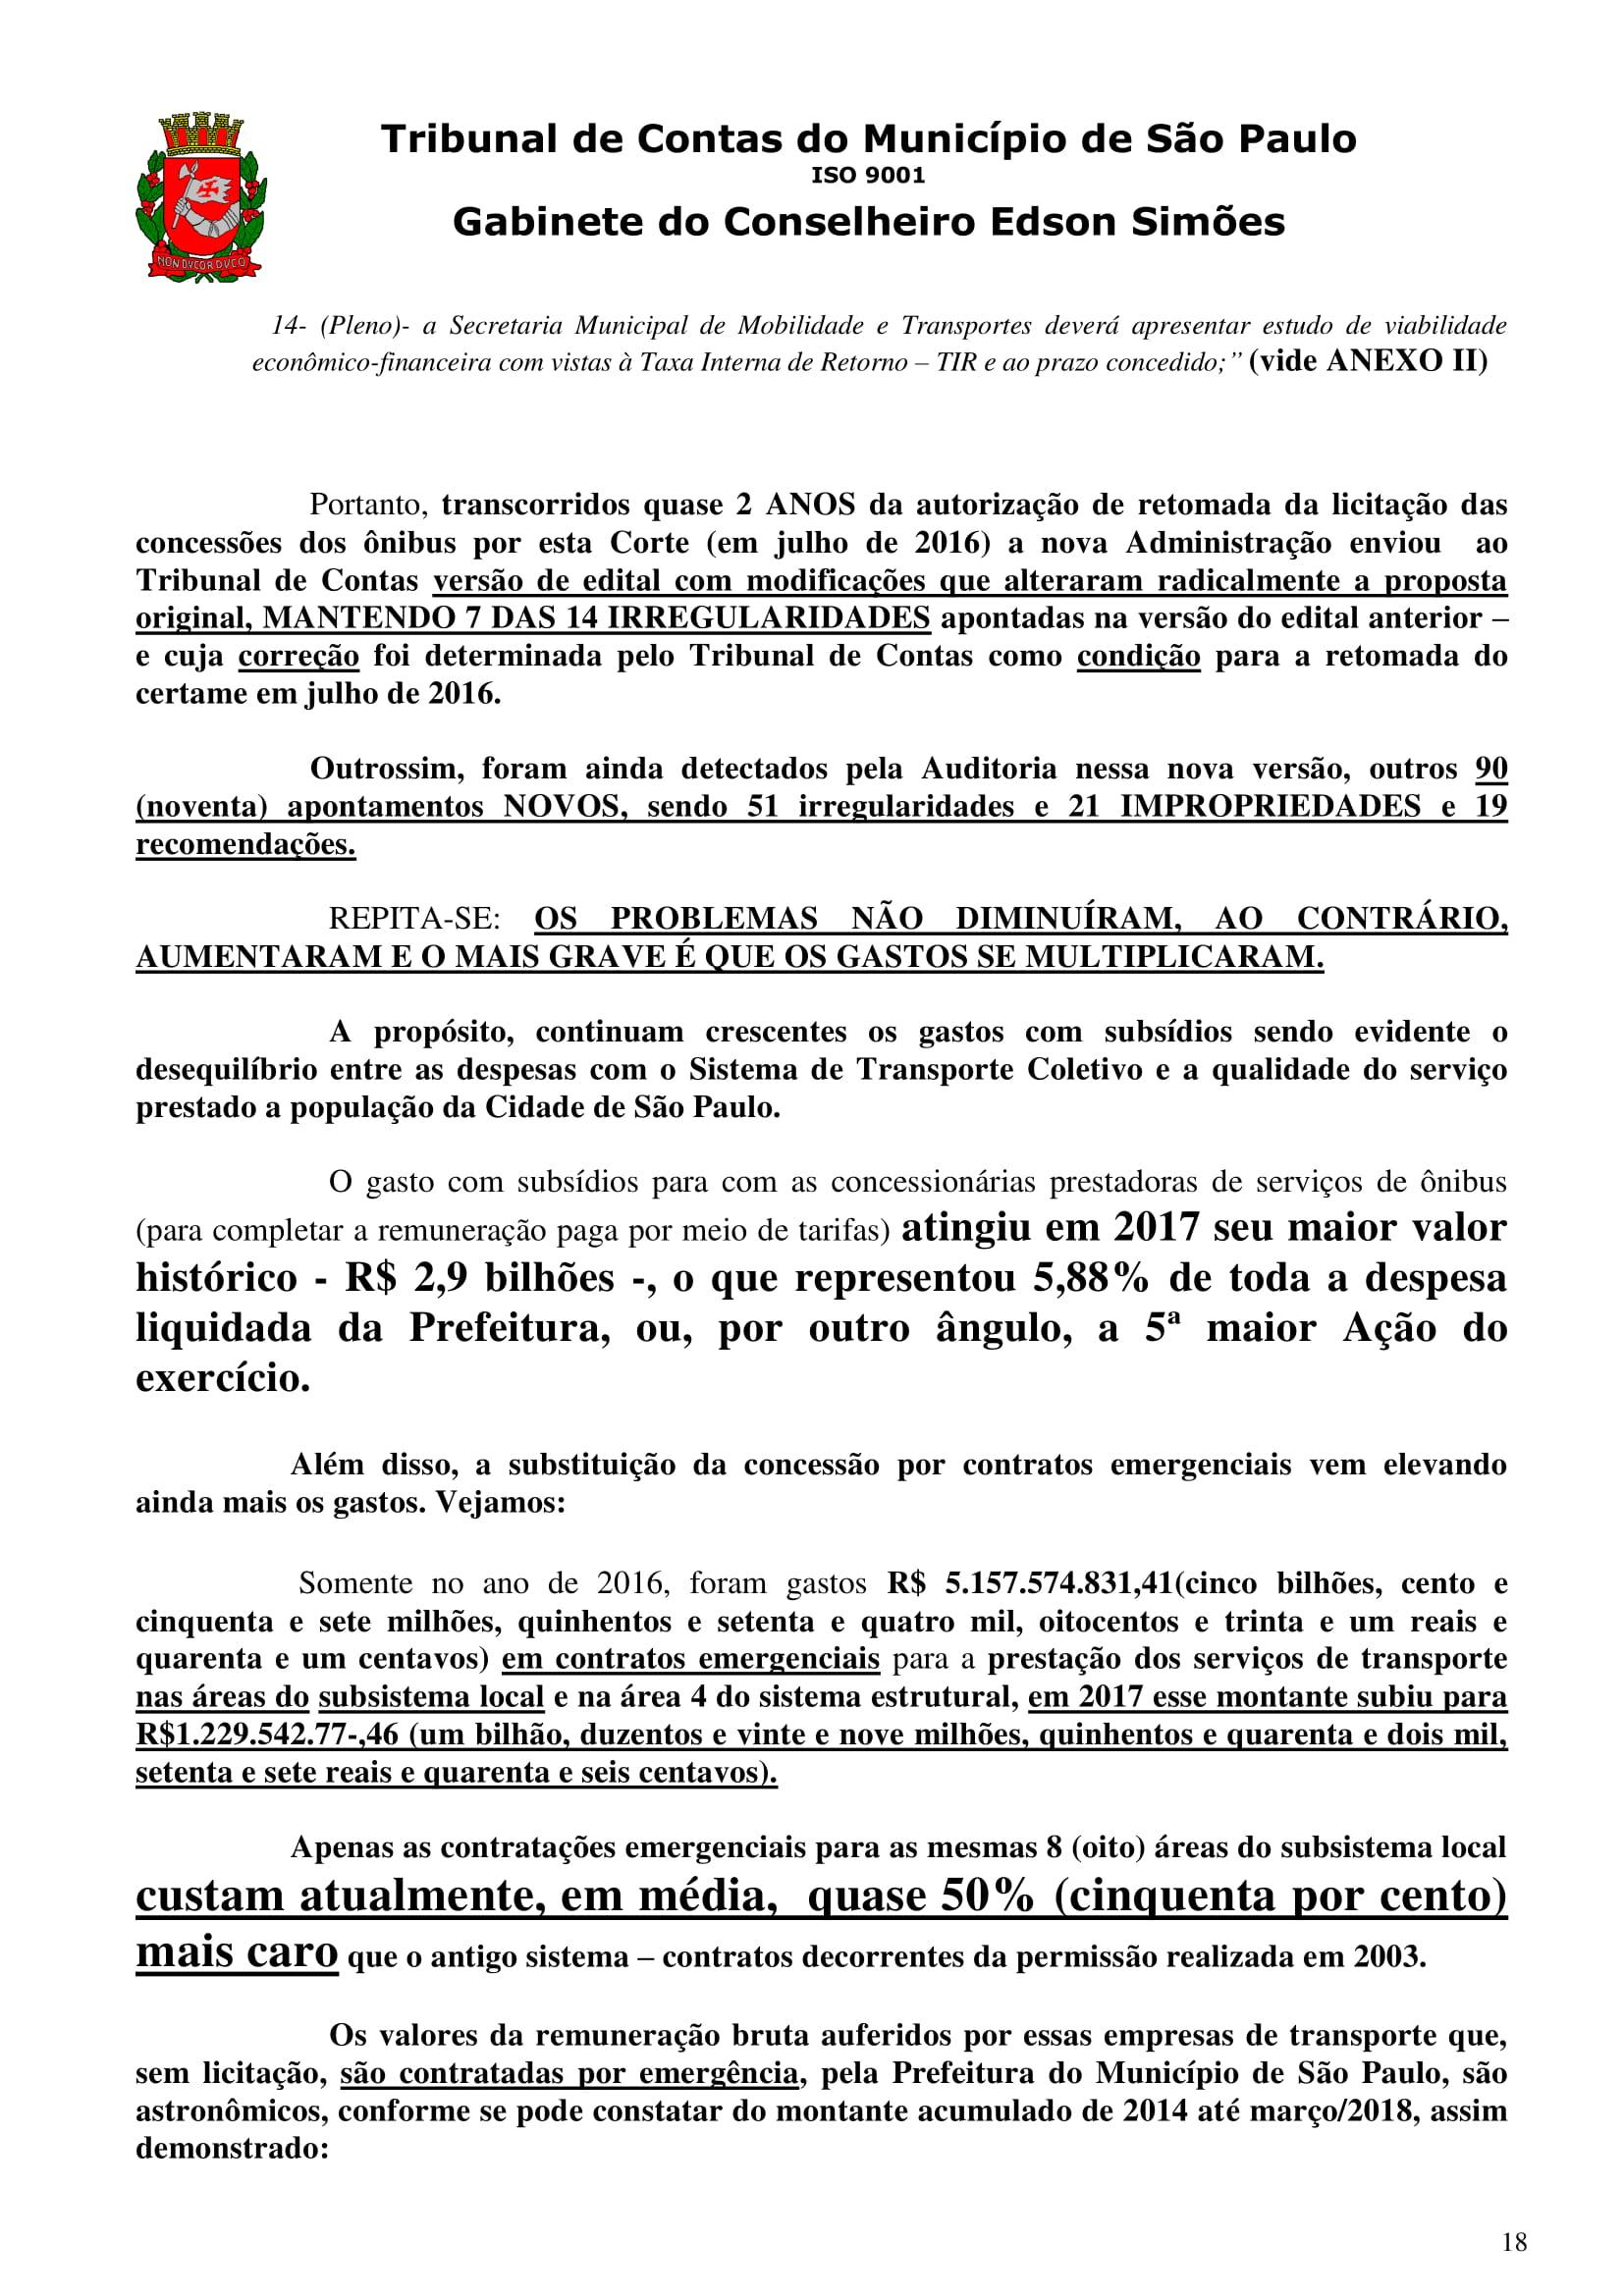 ofício-gb-2038-18 (Concessão Ônibus 2018) - SMT 08.08.18 - pdf-18